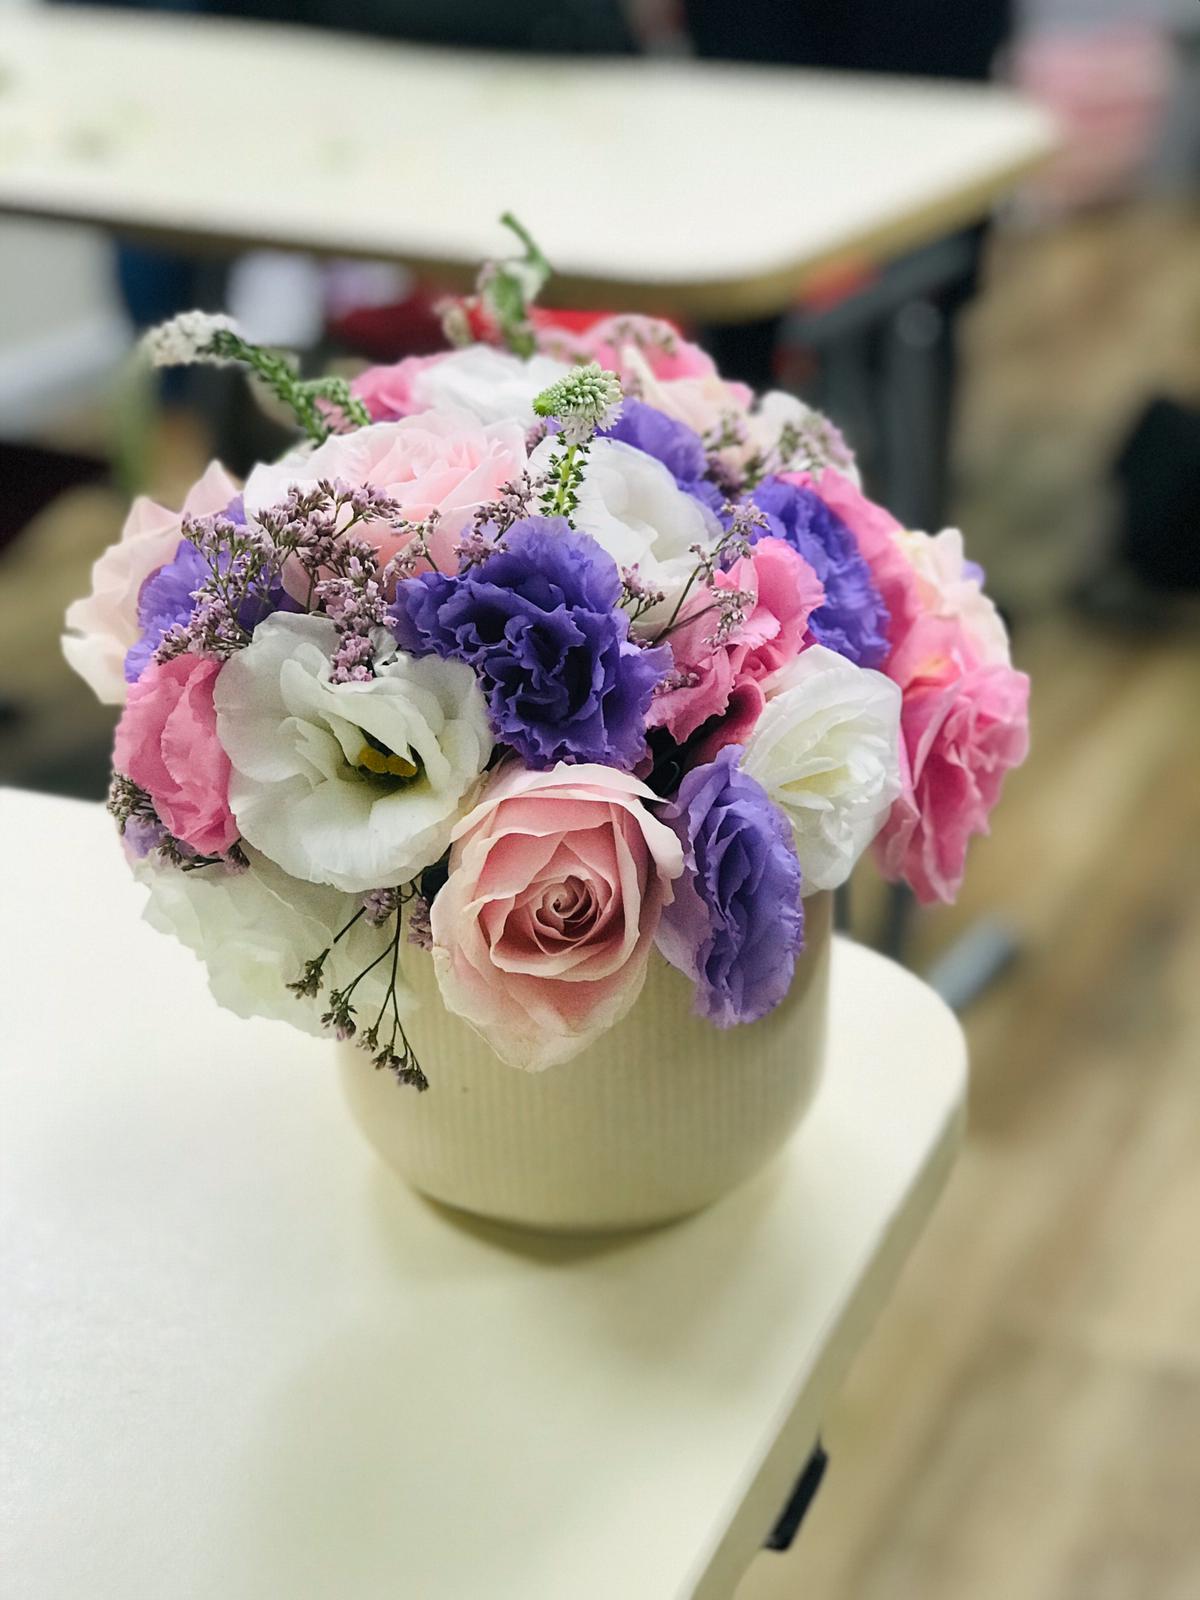 גלרייה - שיעור שזירת פרחים - קורס הפקת אירועים מחזור 24, 28 מתוך 35